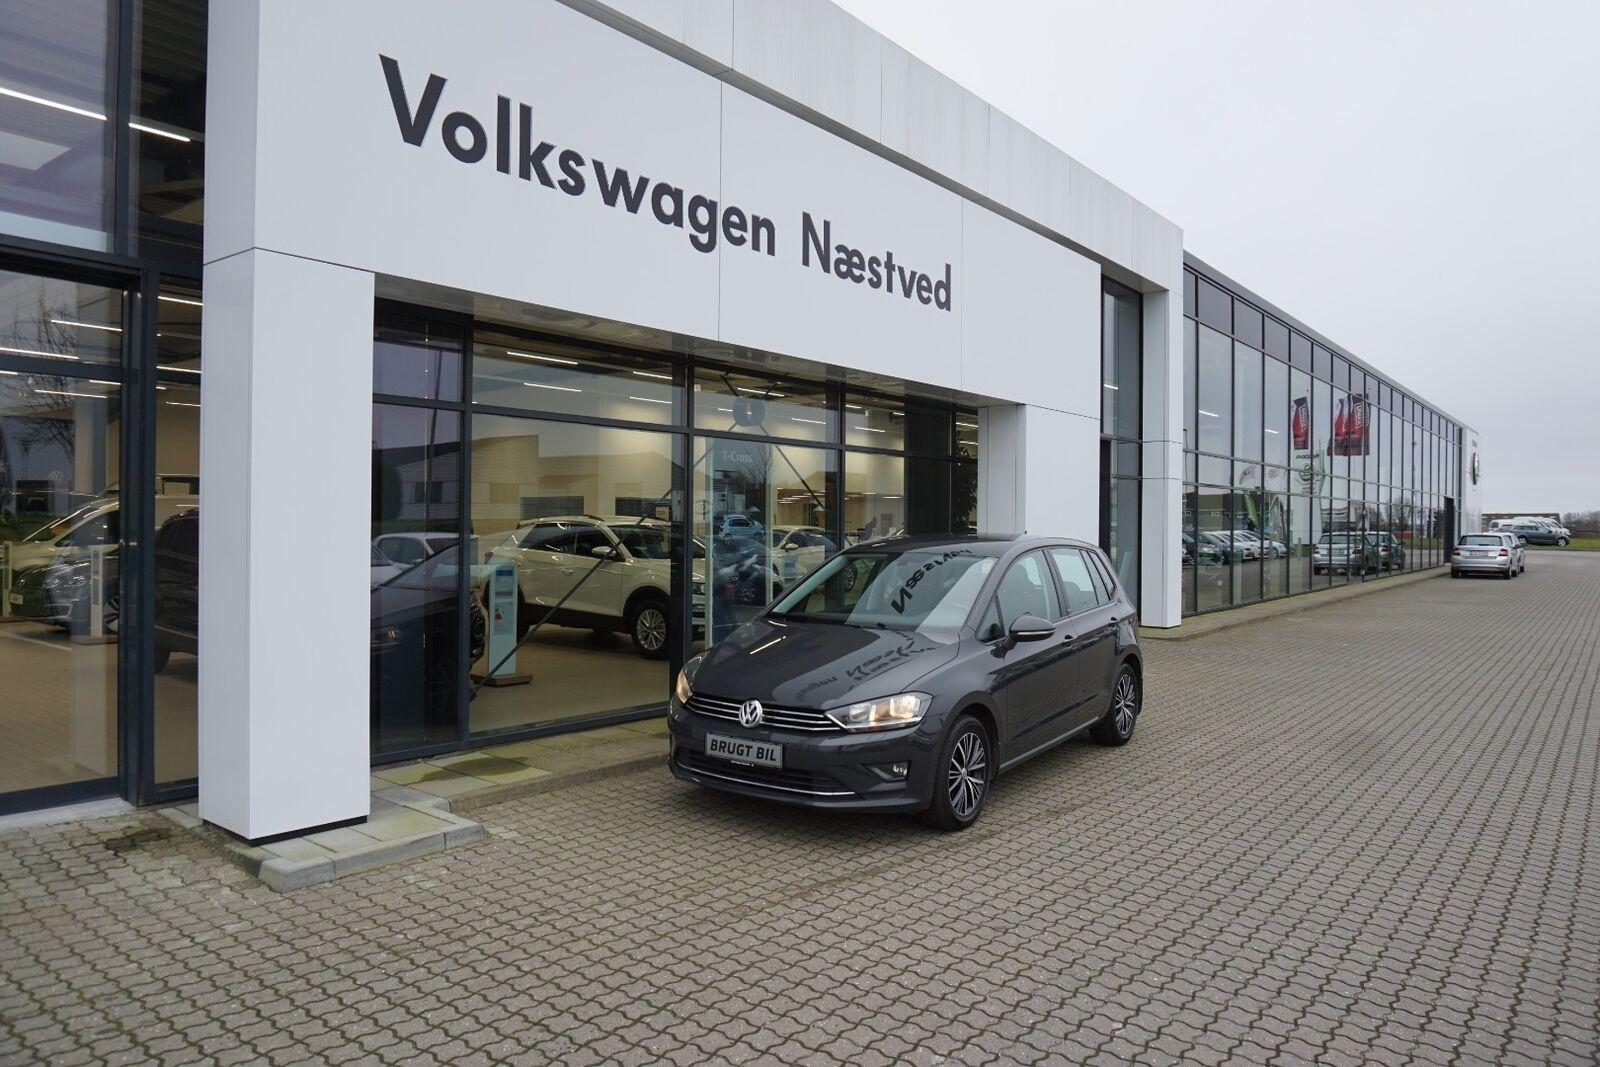 VW Golf Sportsvan 1,4 TSi 125 Allstar DSG BMT 5d - 219.900 kr.